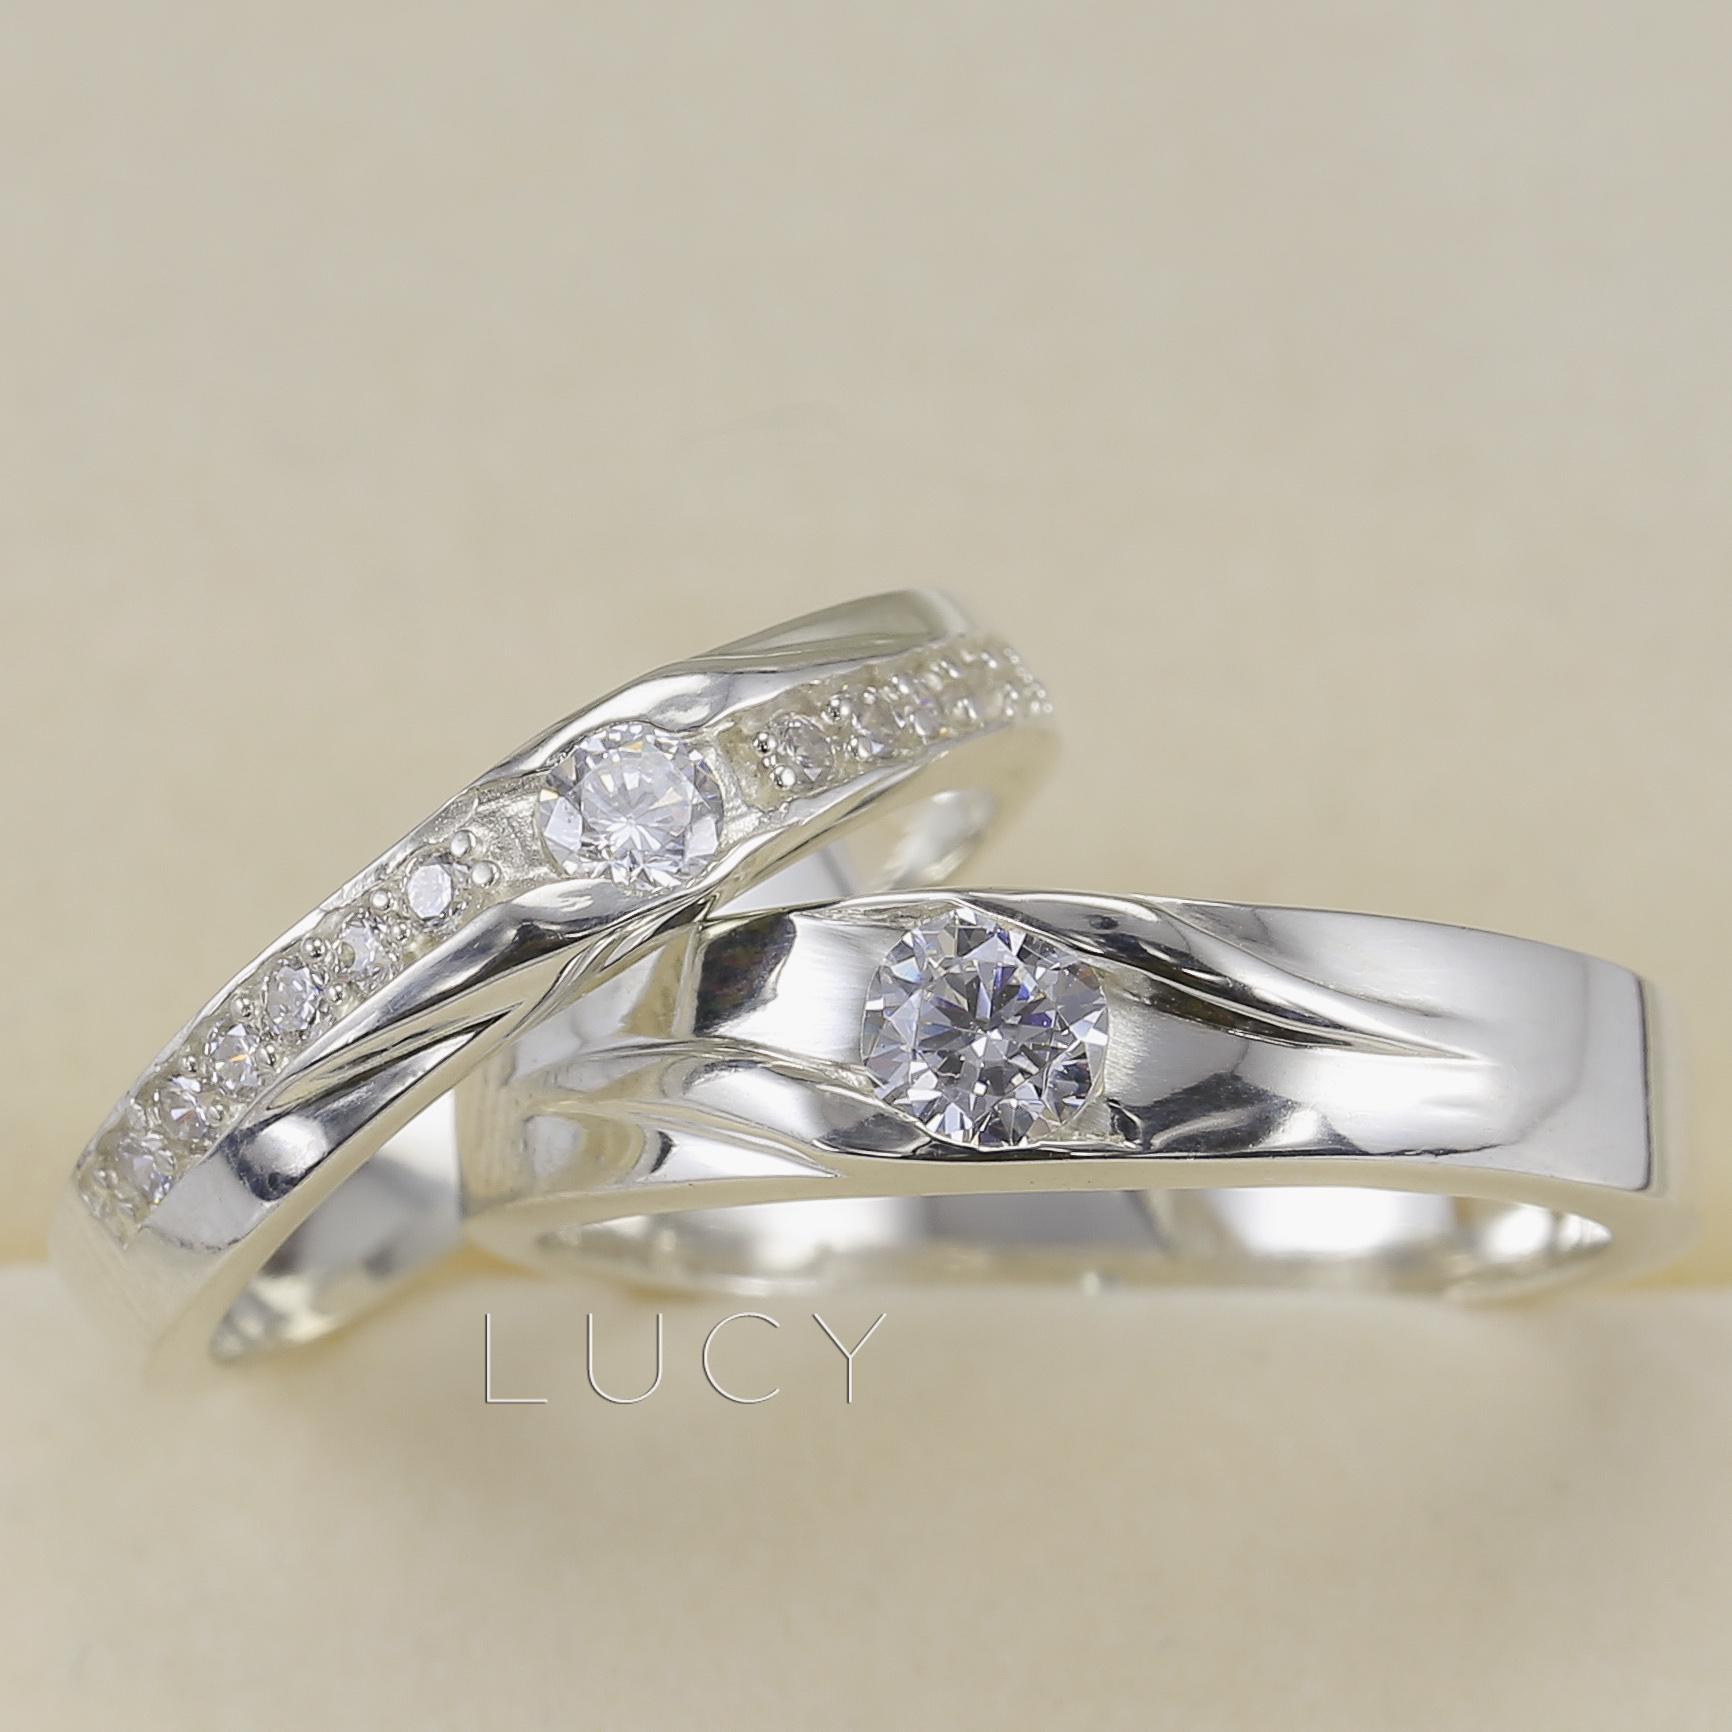 Nhẫn đôi nhẫn cặp bạc Lucy - ND054